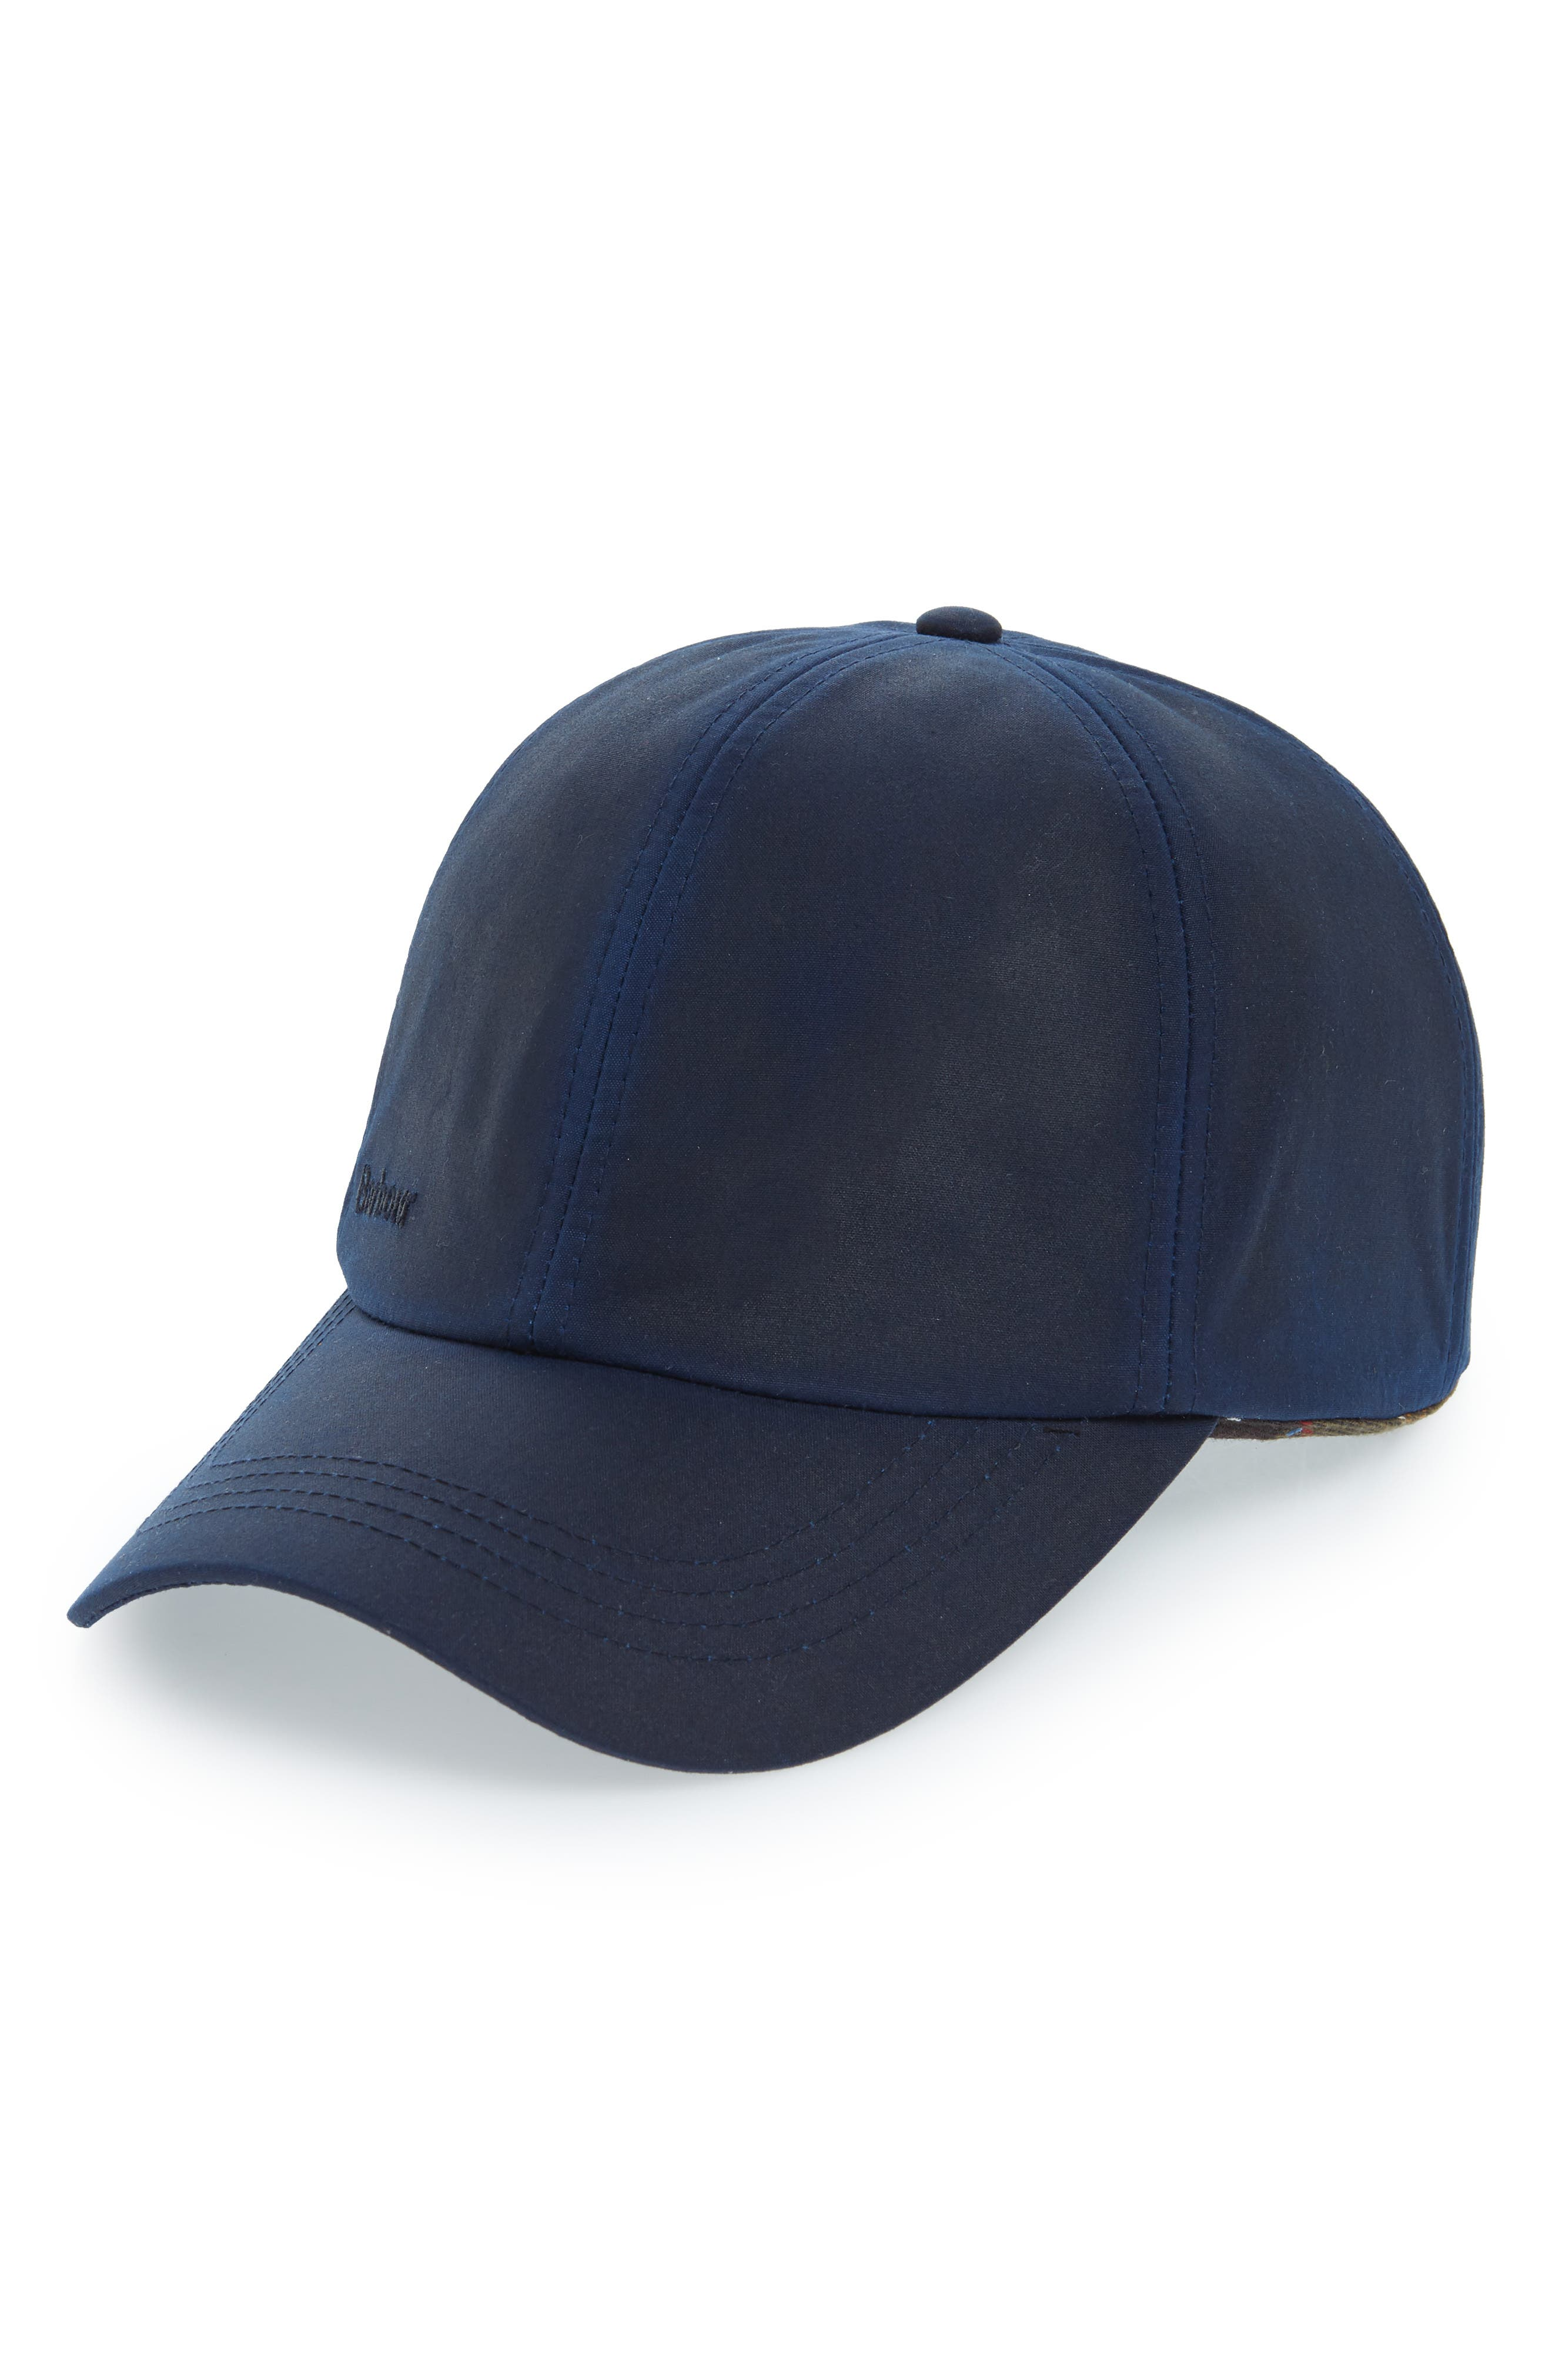 Prestbury Baseball Cap,                         Main,                         color, Indigo